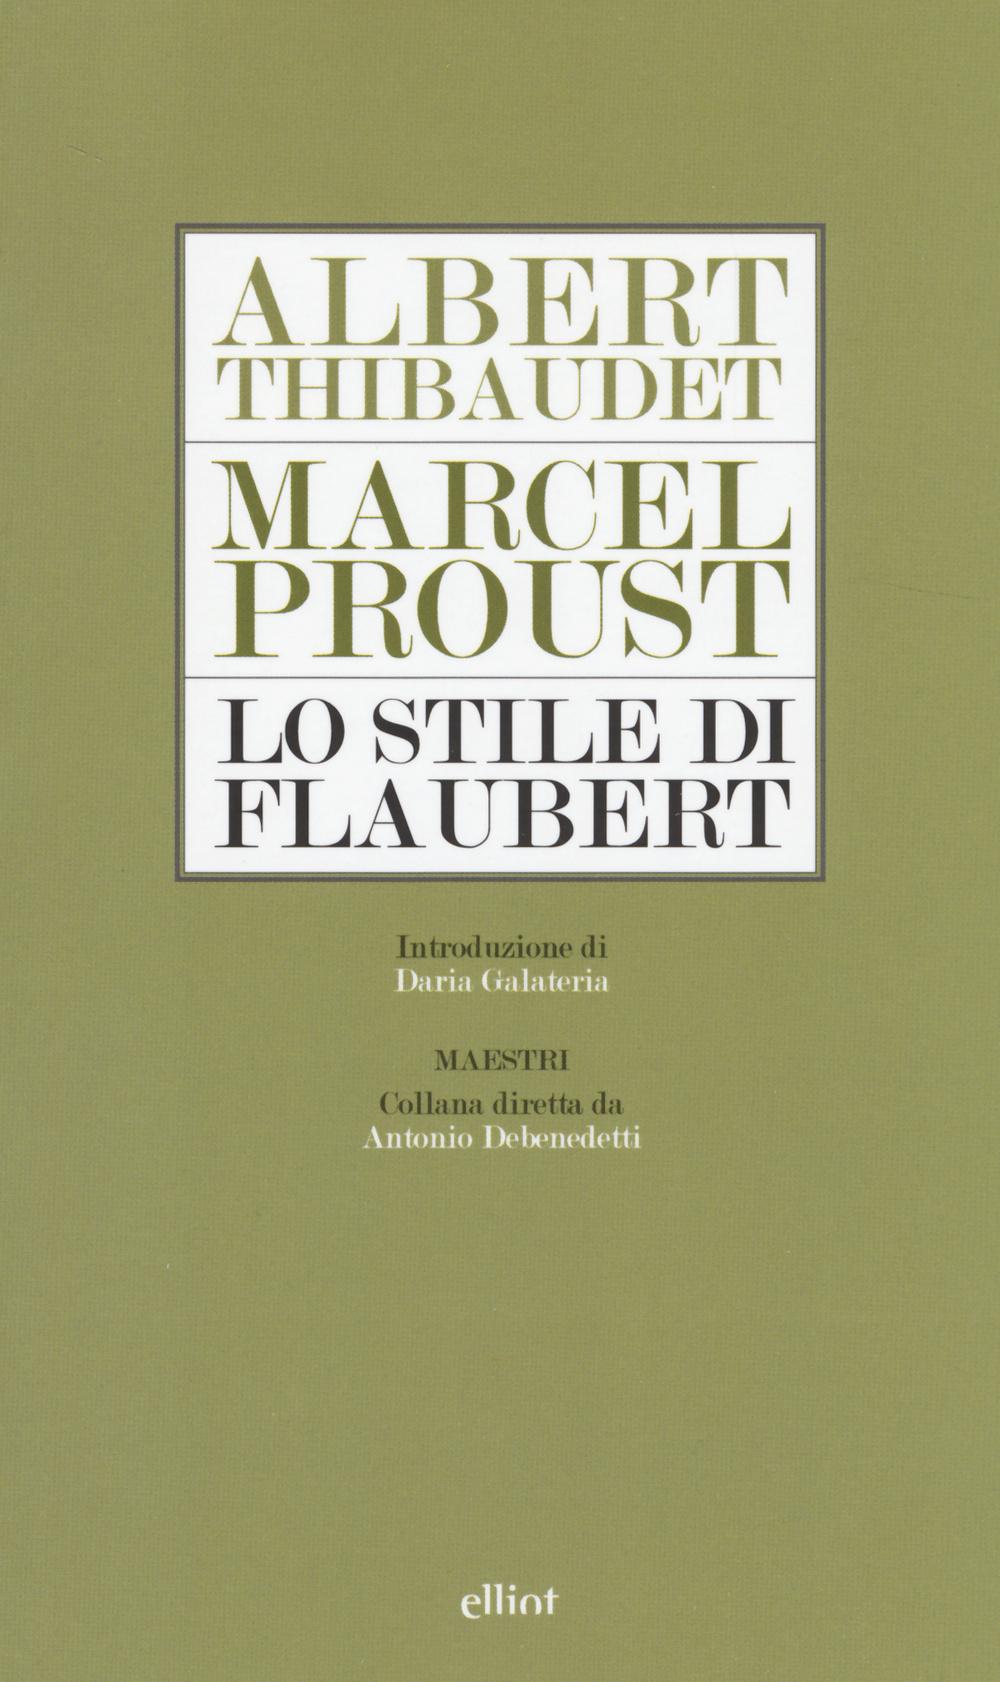 LO STILE DI FLAUBERT - 9788861925595